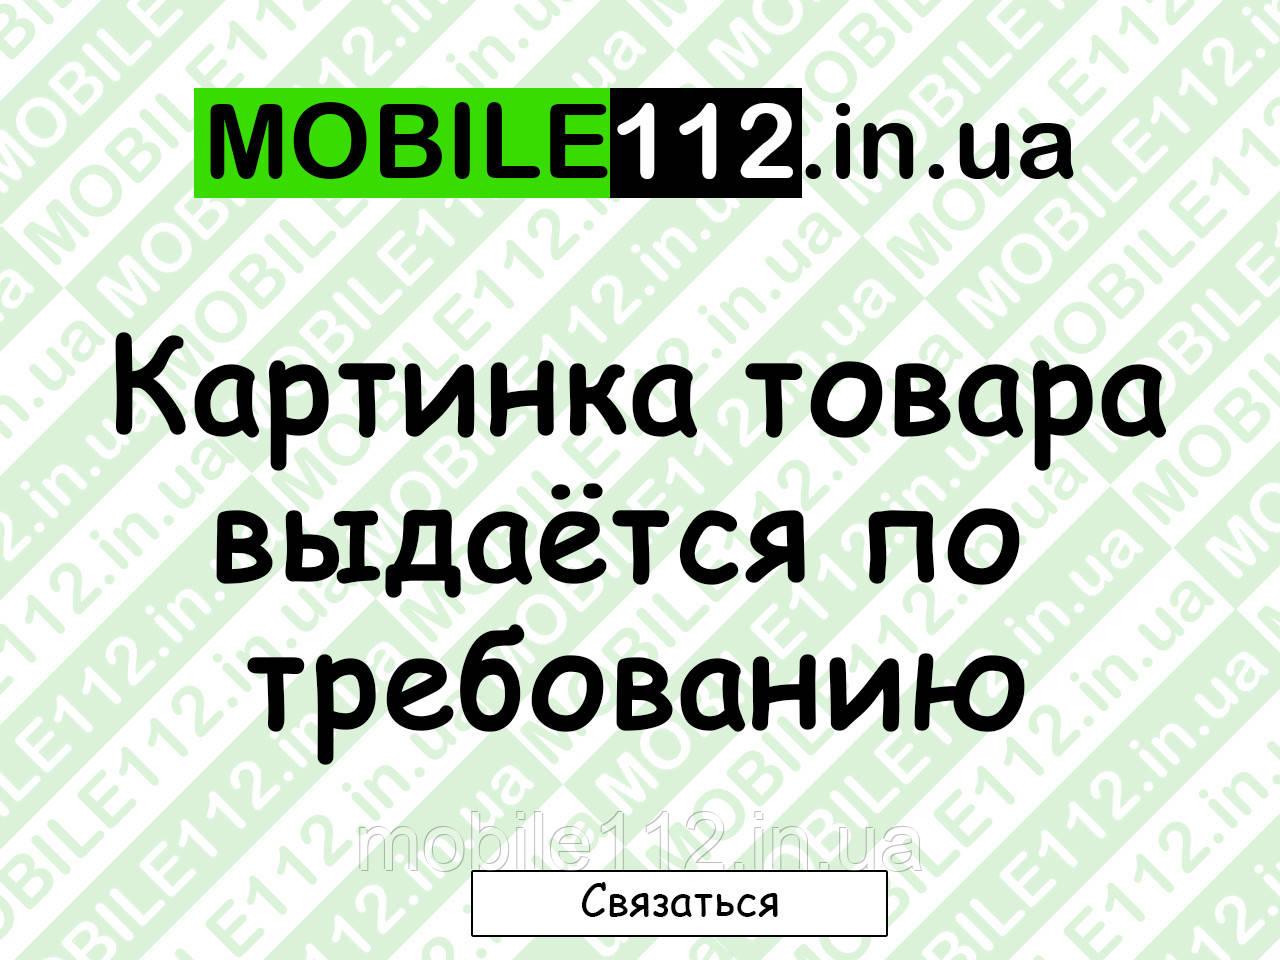 """Усилитель мощности SKY77344-11 для Samsung S3310, S5200, S5230 Star, S5230W  - Магазин-склад """"Mobile 112"""" - запчасти для телефонов и планшетов. Доставка по Украине в Днепре"""